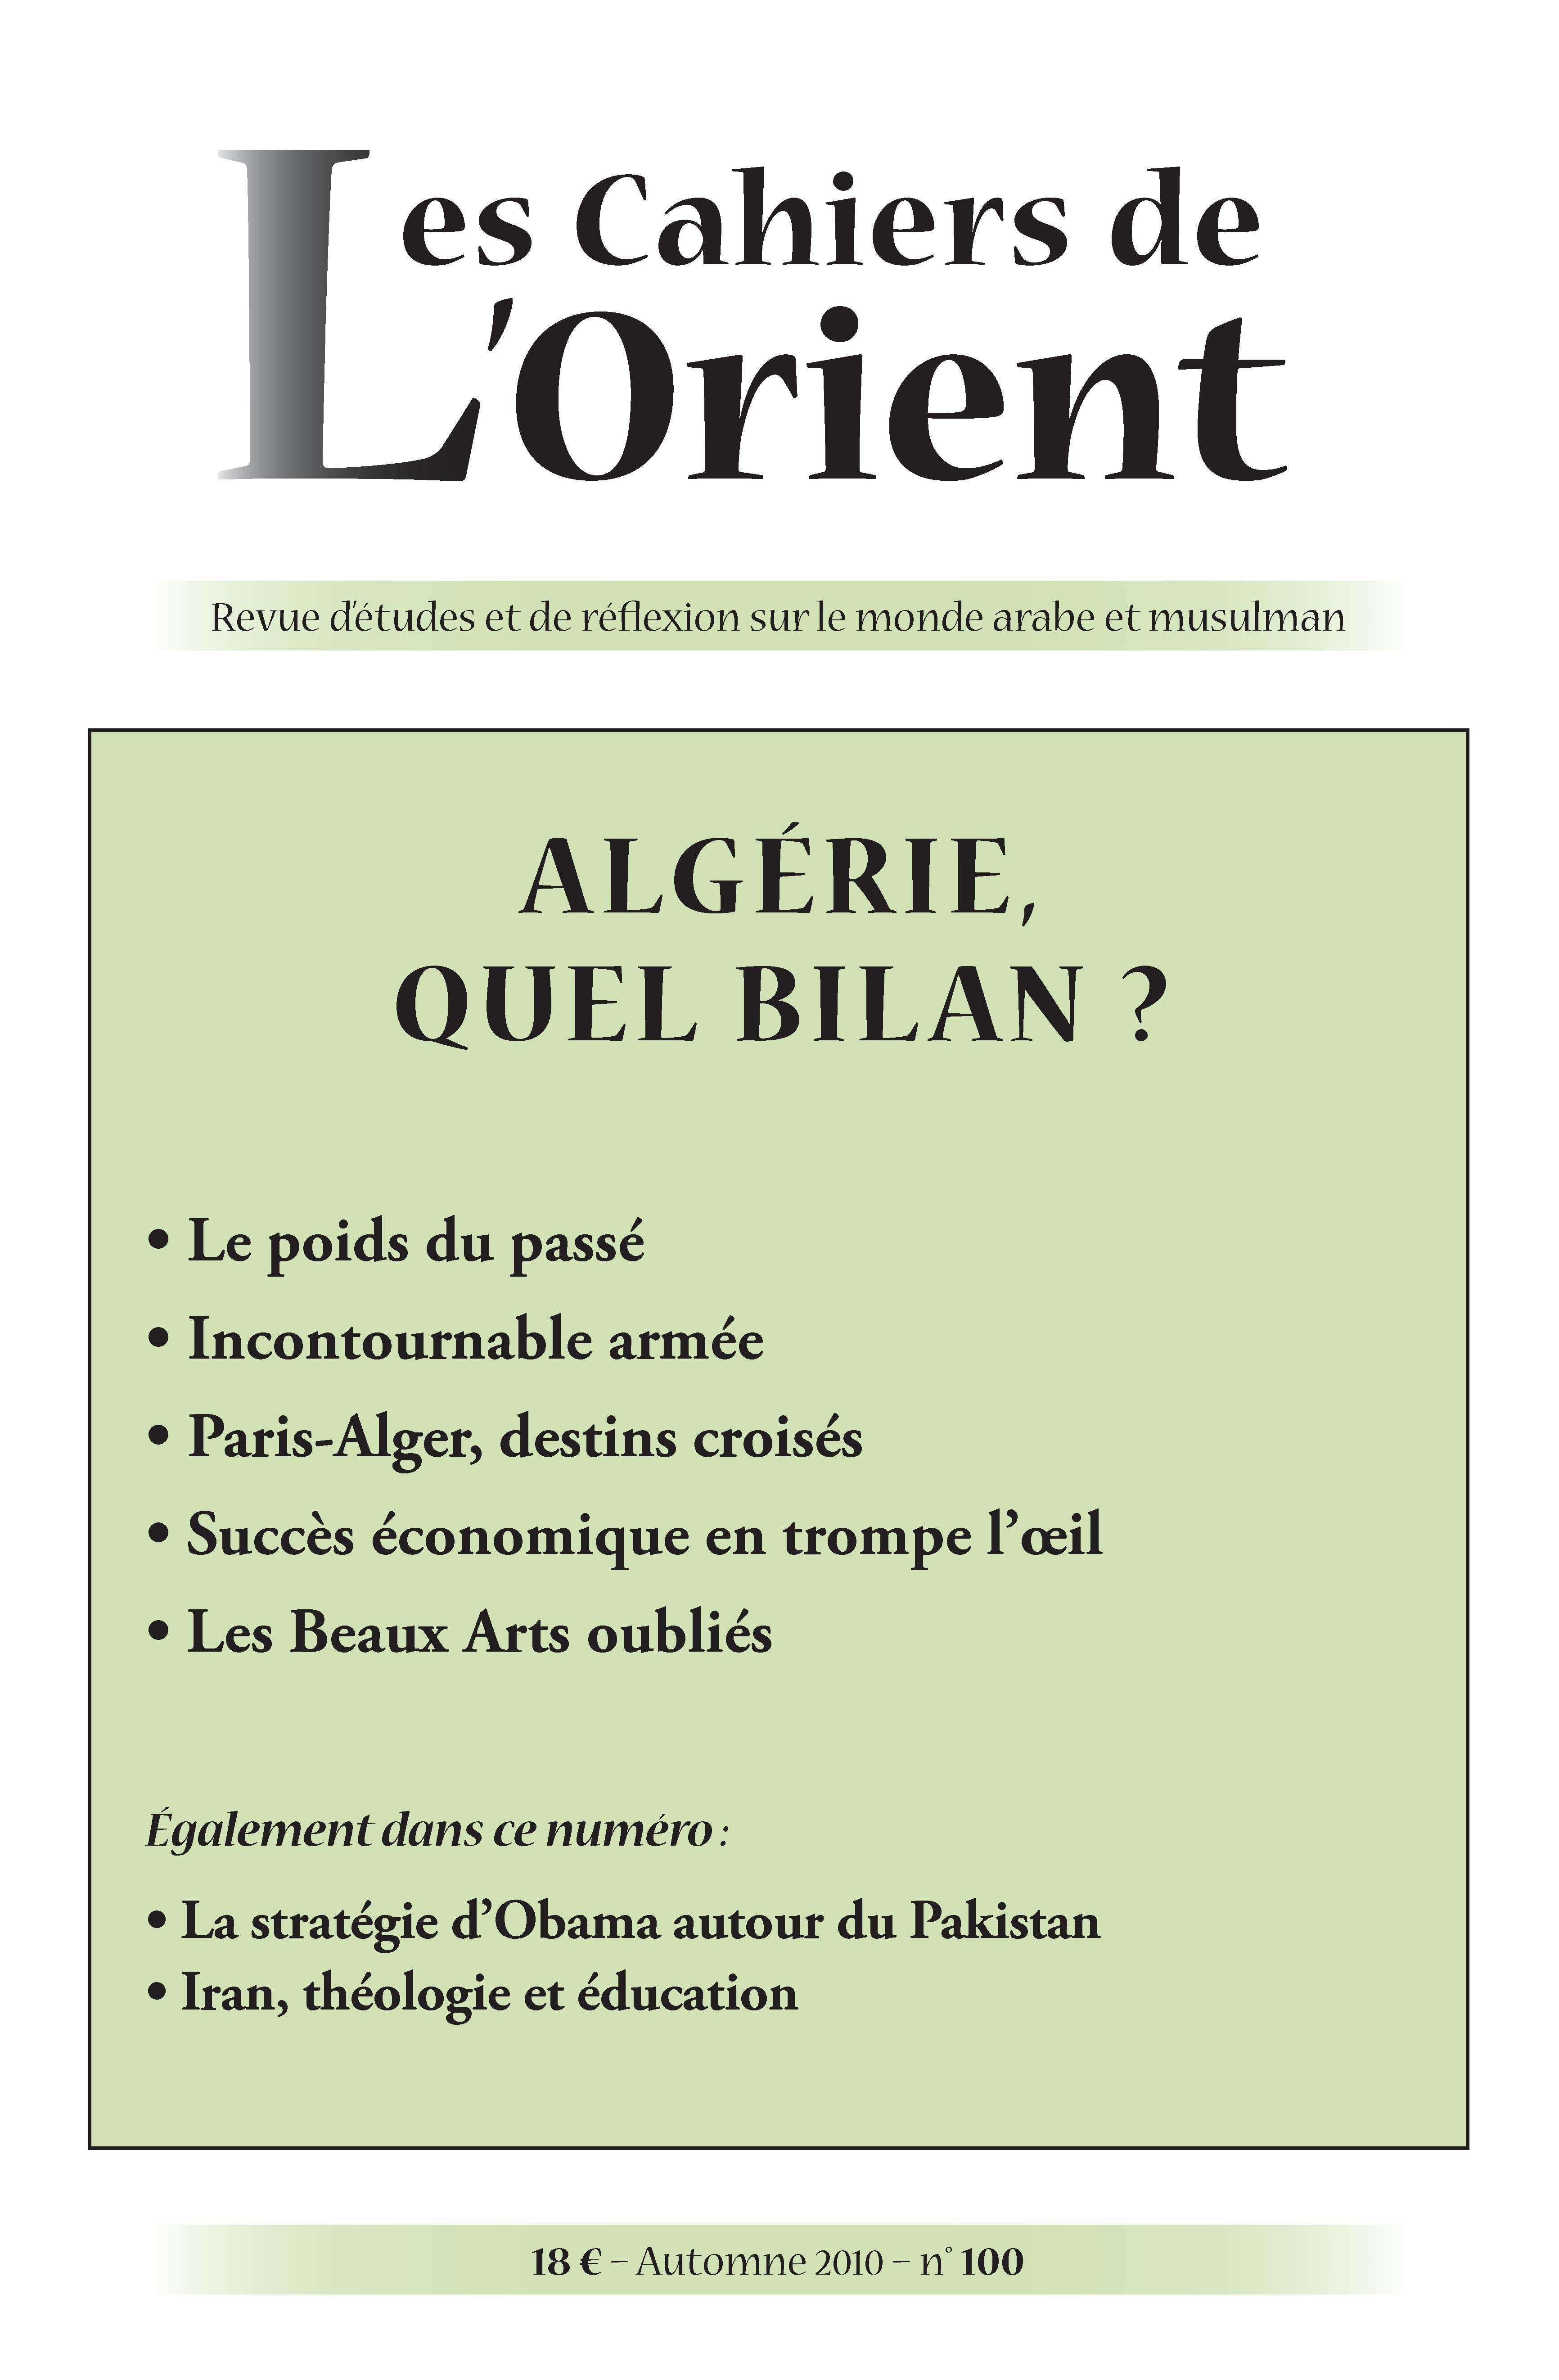 PDF 2003 ALGERIE TÉLÉCHARGER BAREME IRG